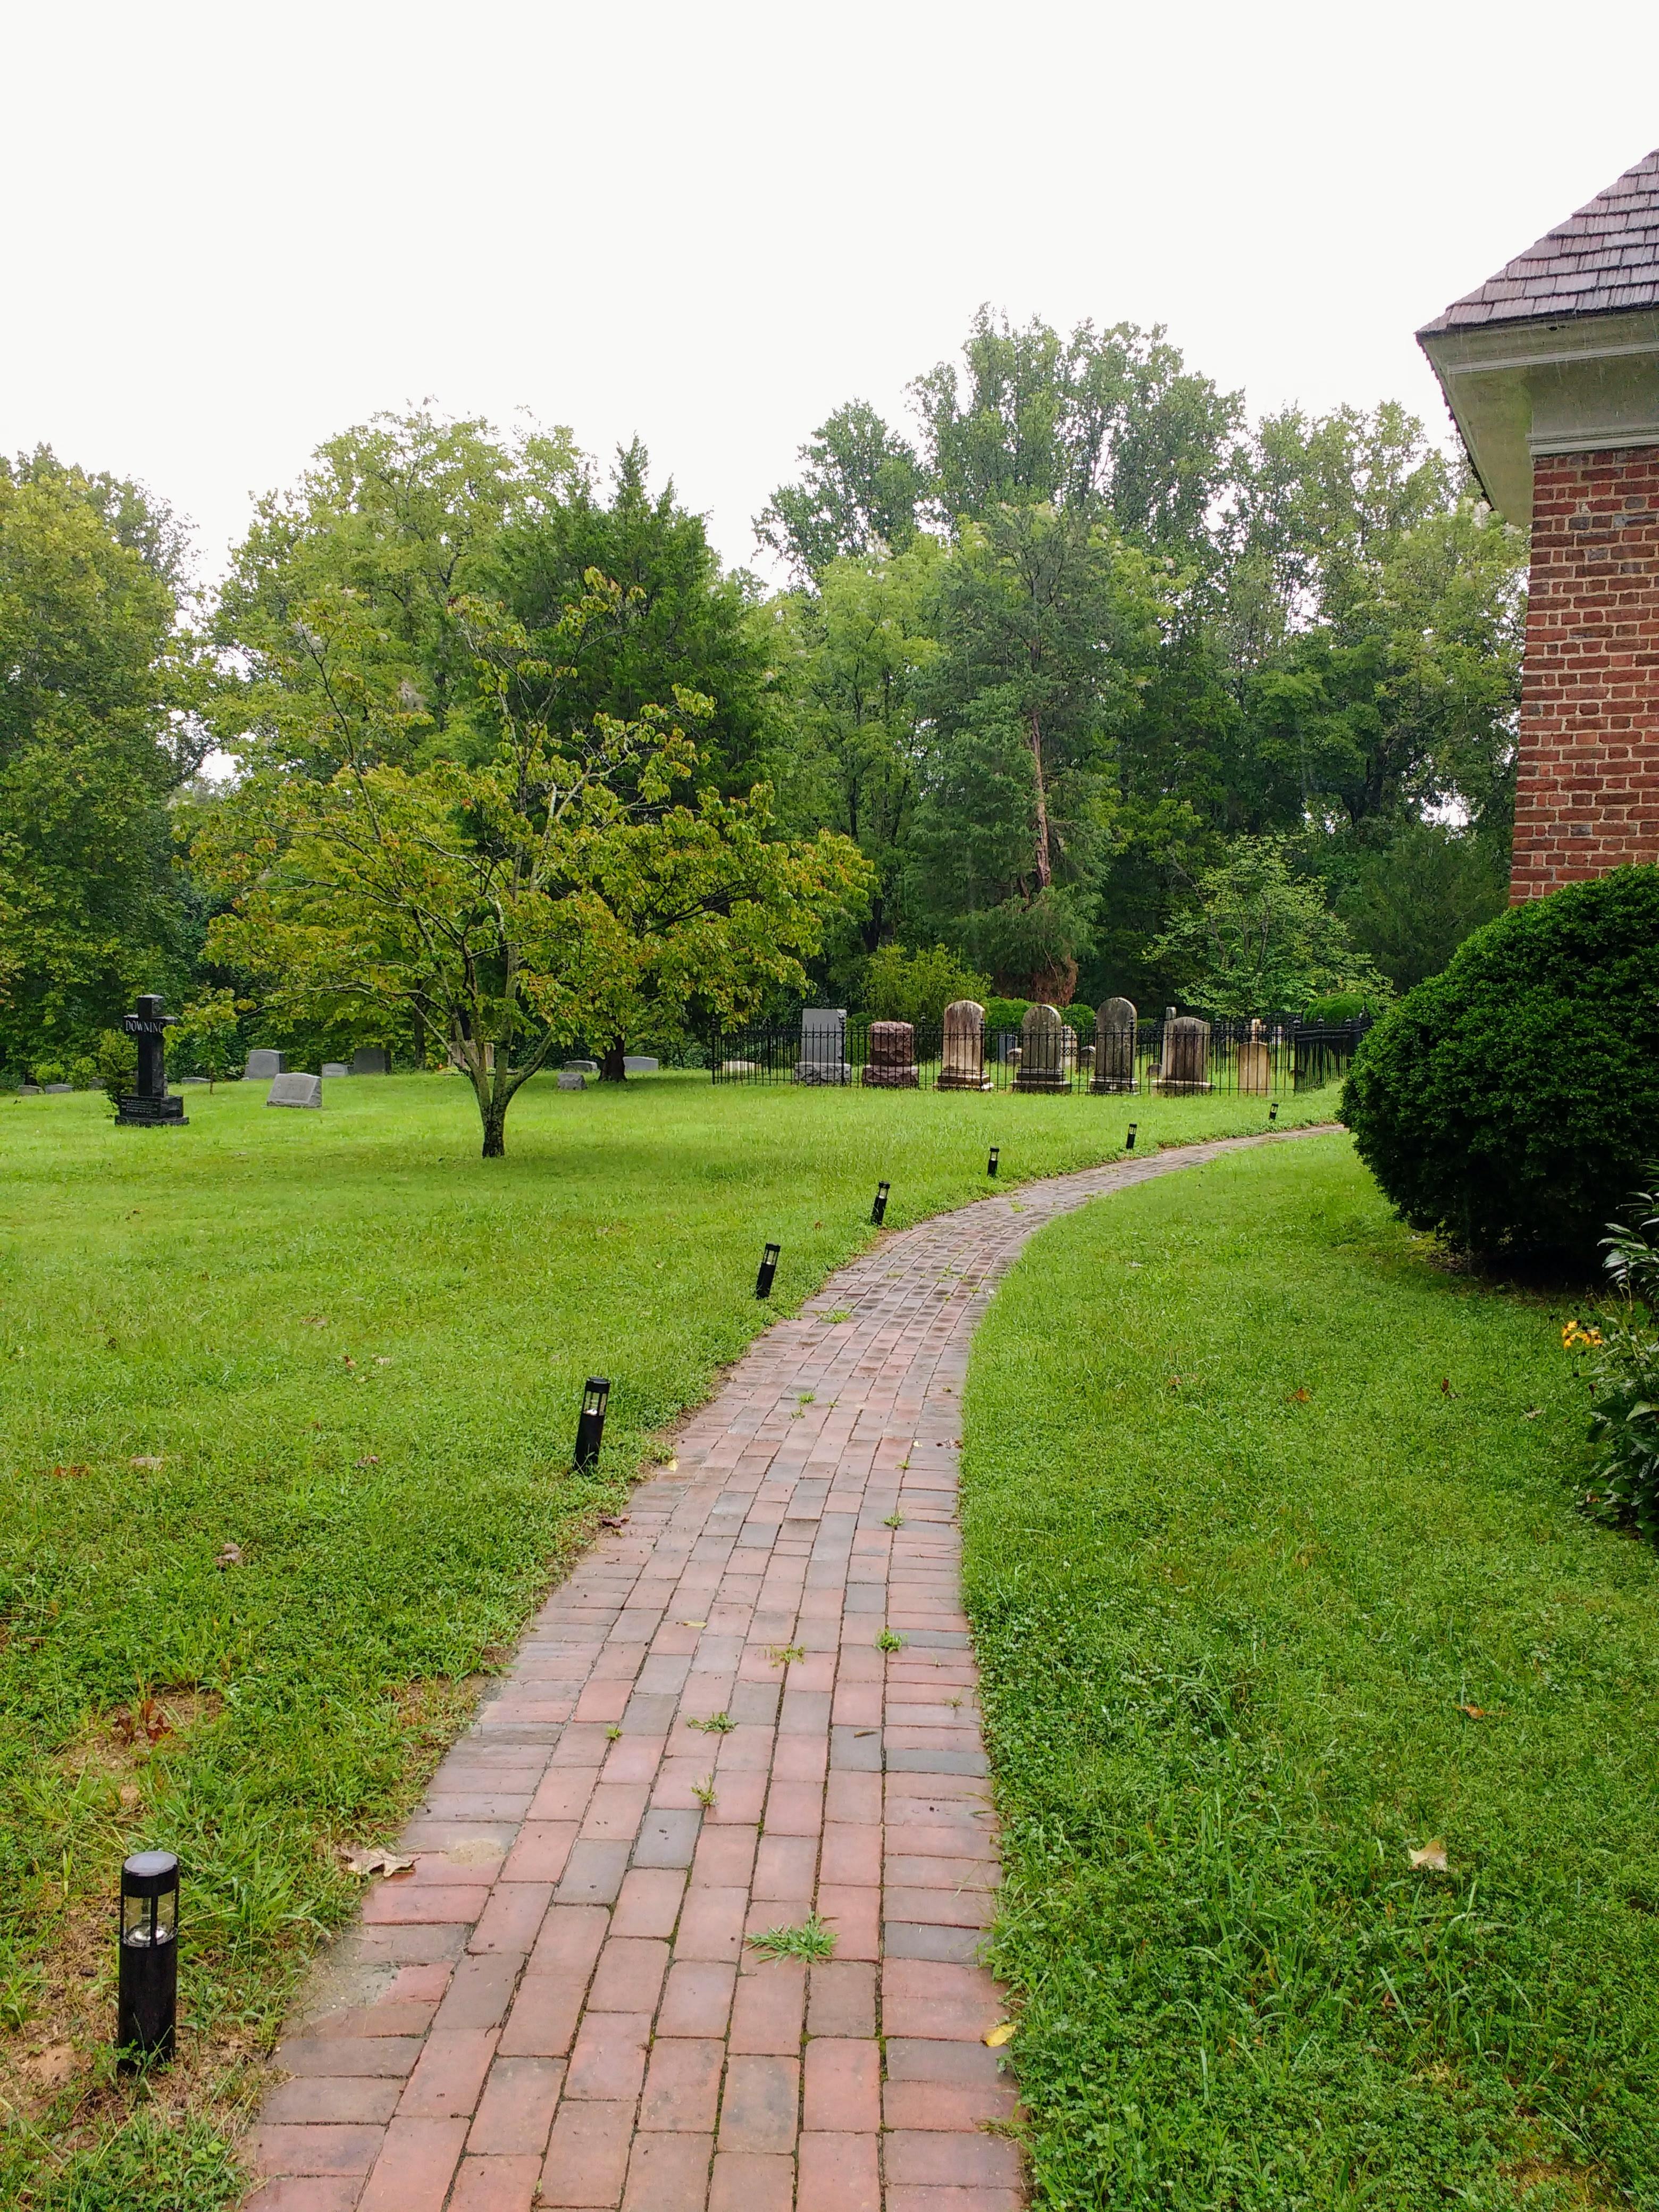 Sidewalkway